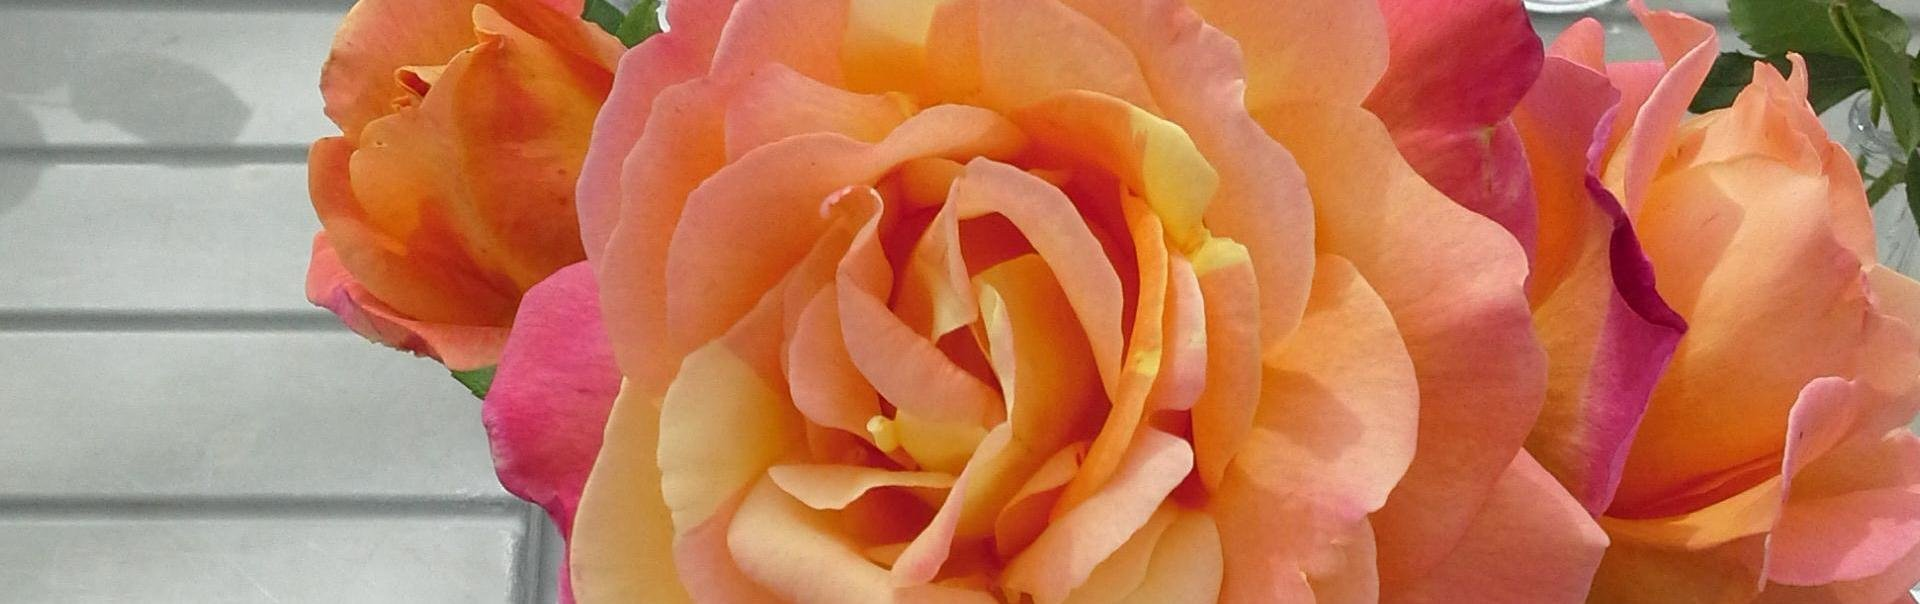 Billedresultat for orange roser